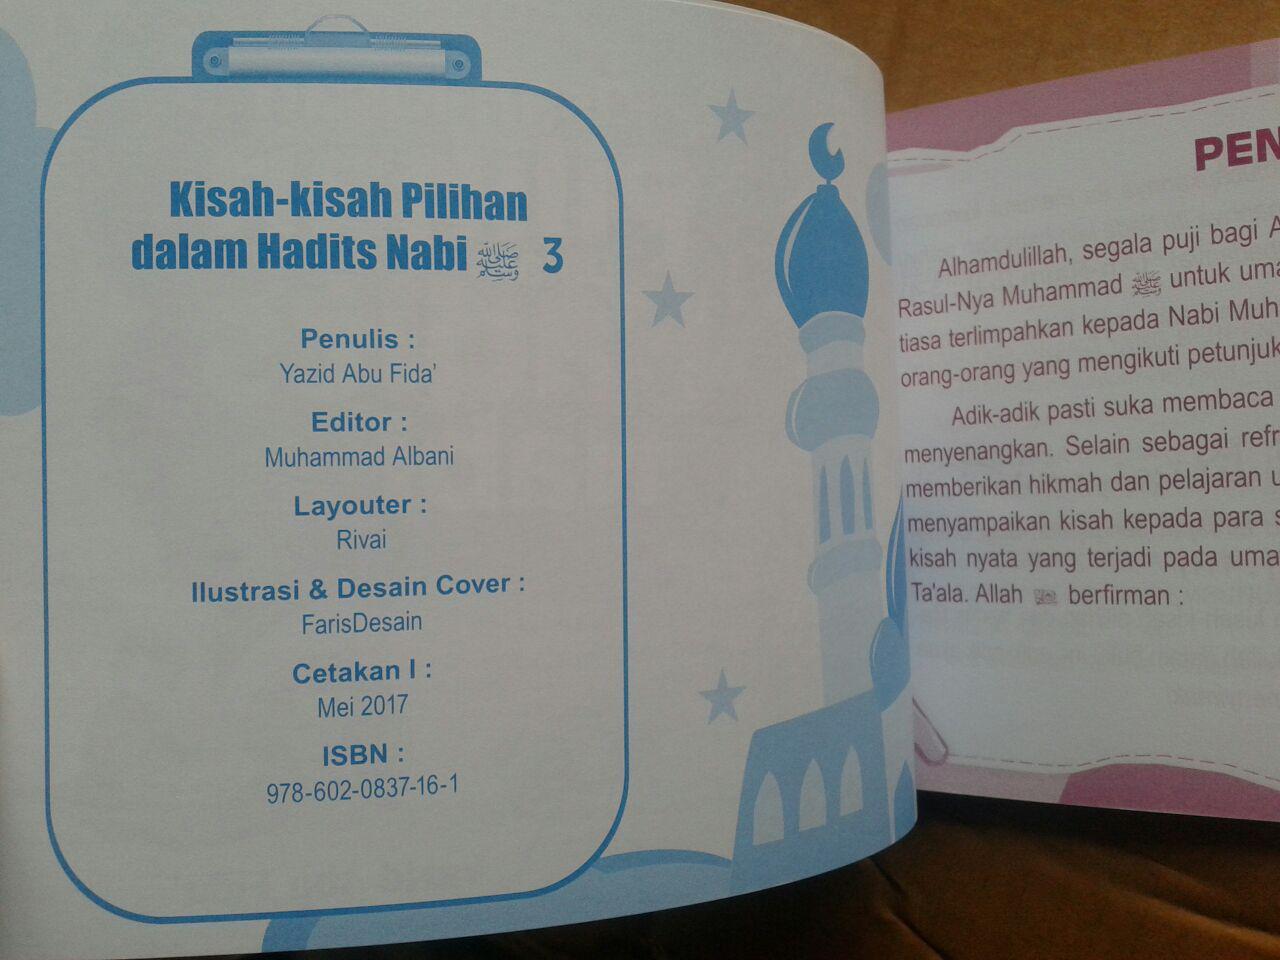 Buku Anak Kisah-Kisah Pilihan Dalam Hadits Nabi Jilid 3 isi 2